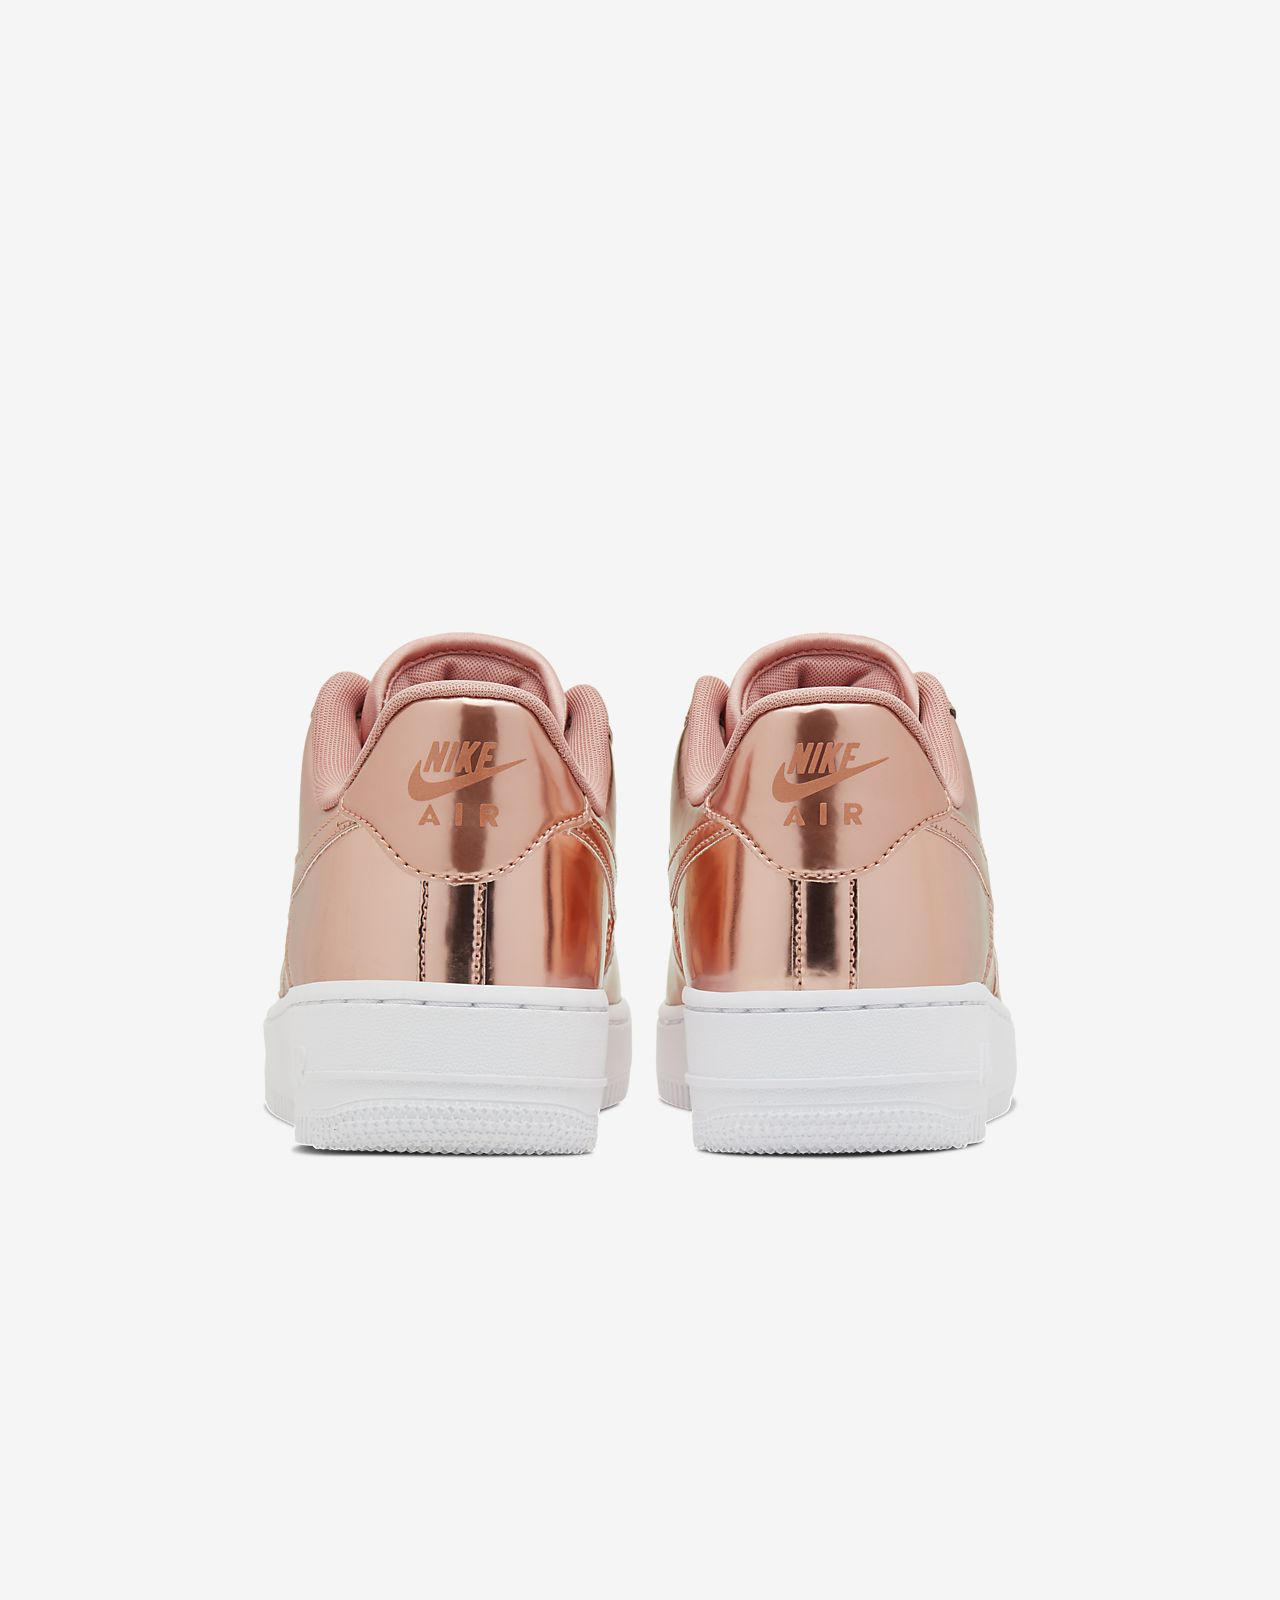 zapatillas sintetico nike mujer rosas y negras